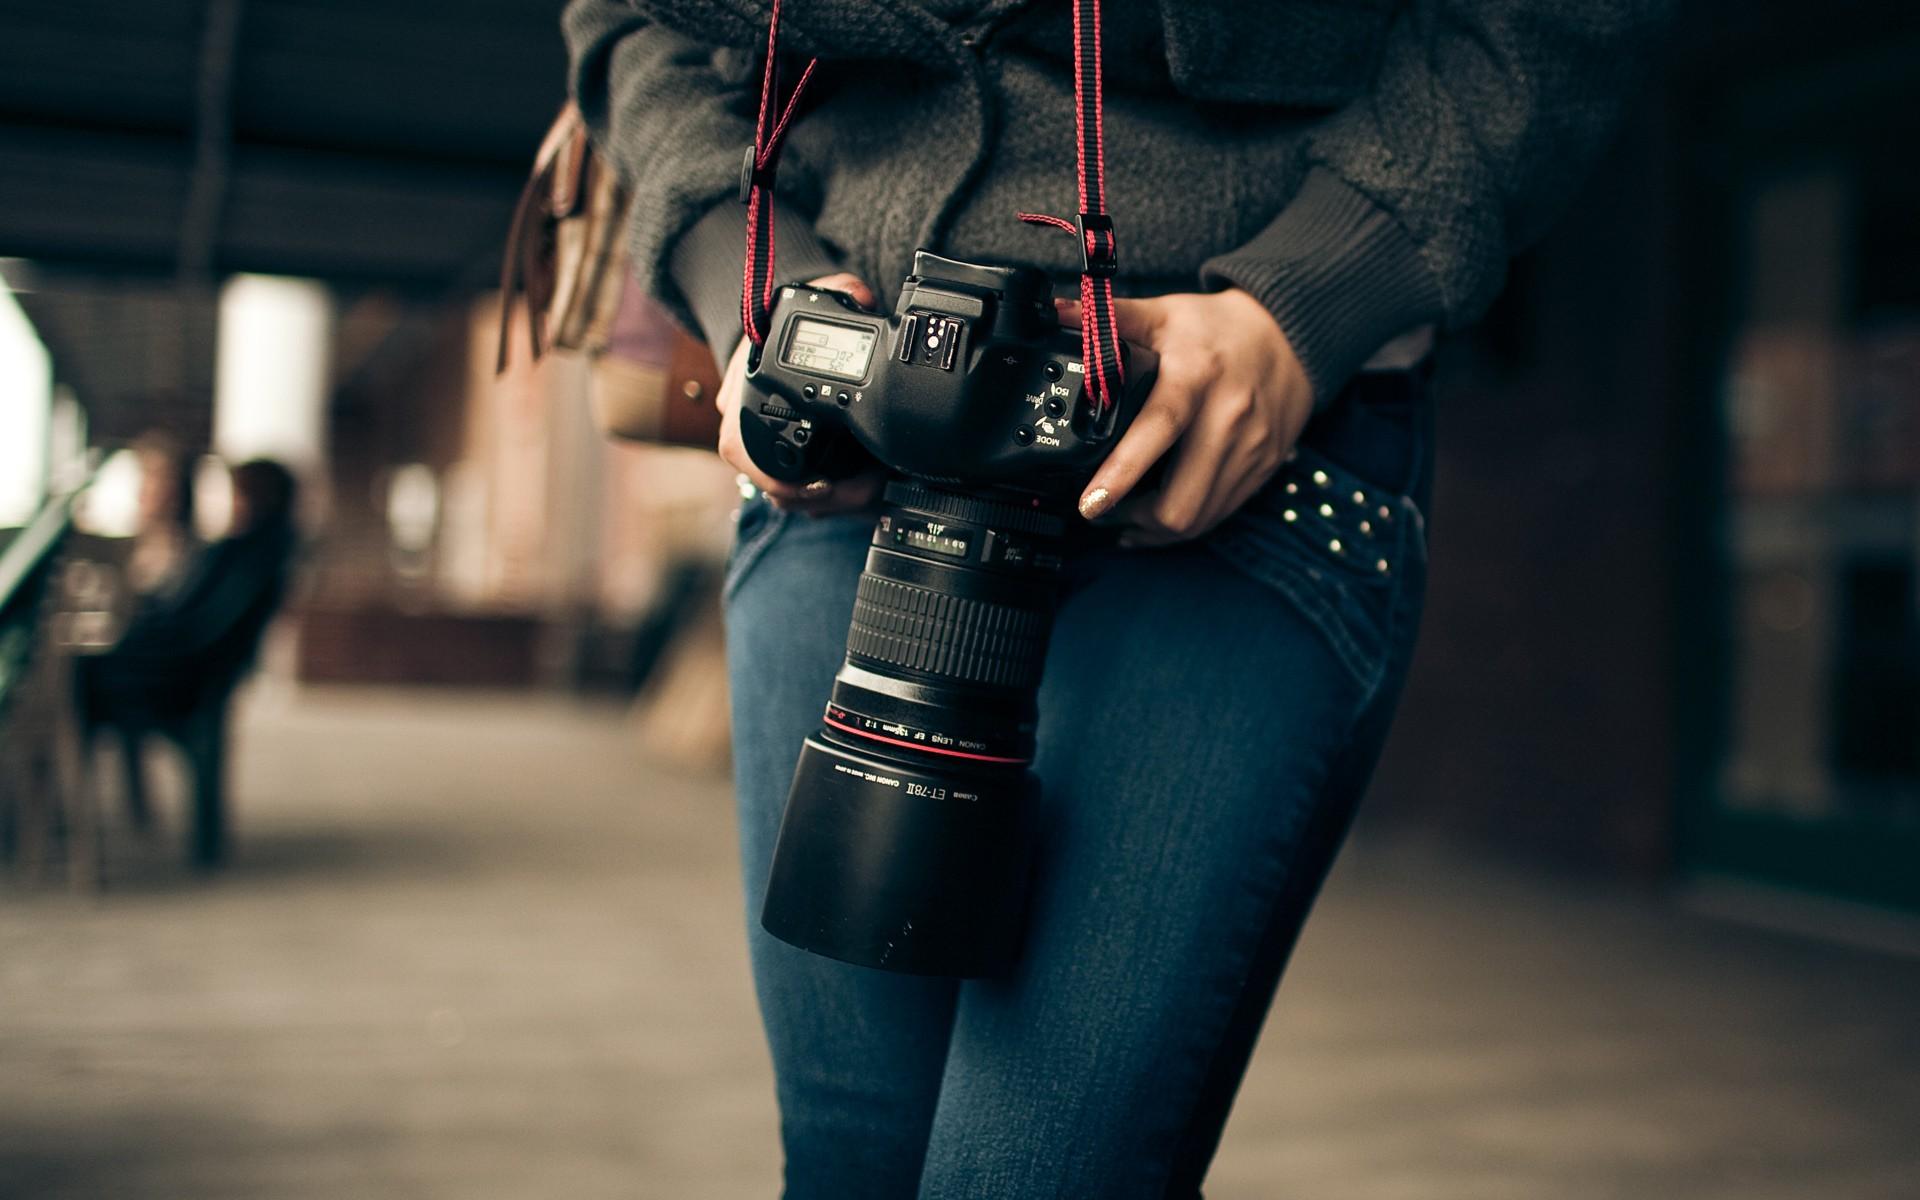 Chica con cámara canon - 1920x1200